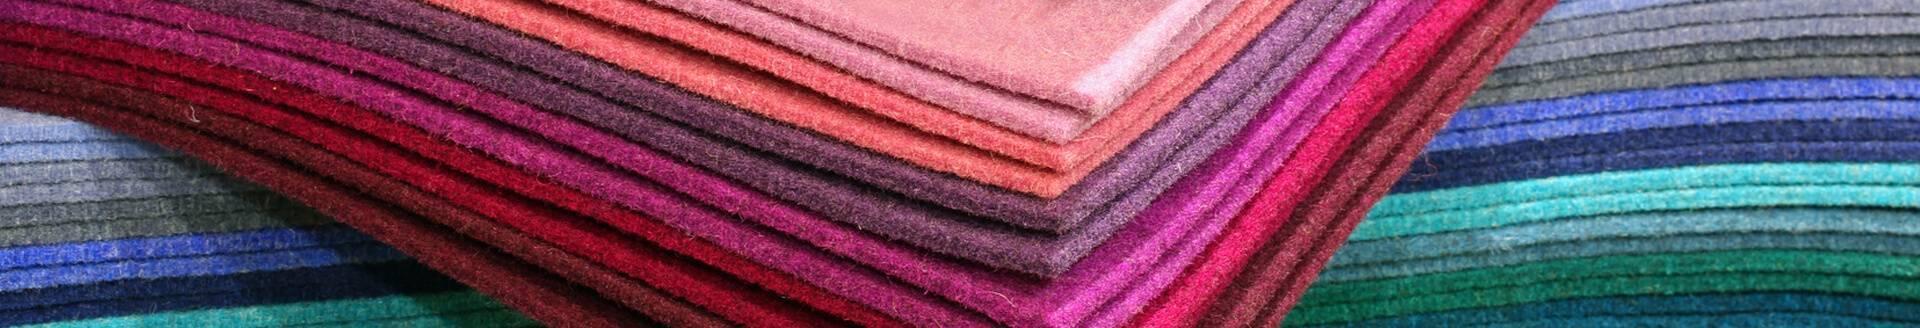 Consuelo Textil venta online de fieltros especiales y bases de parches